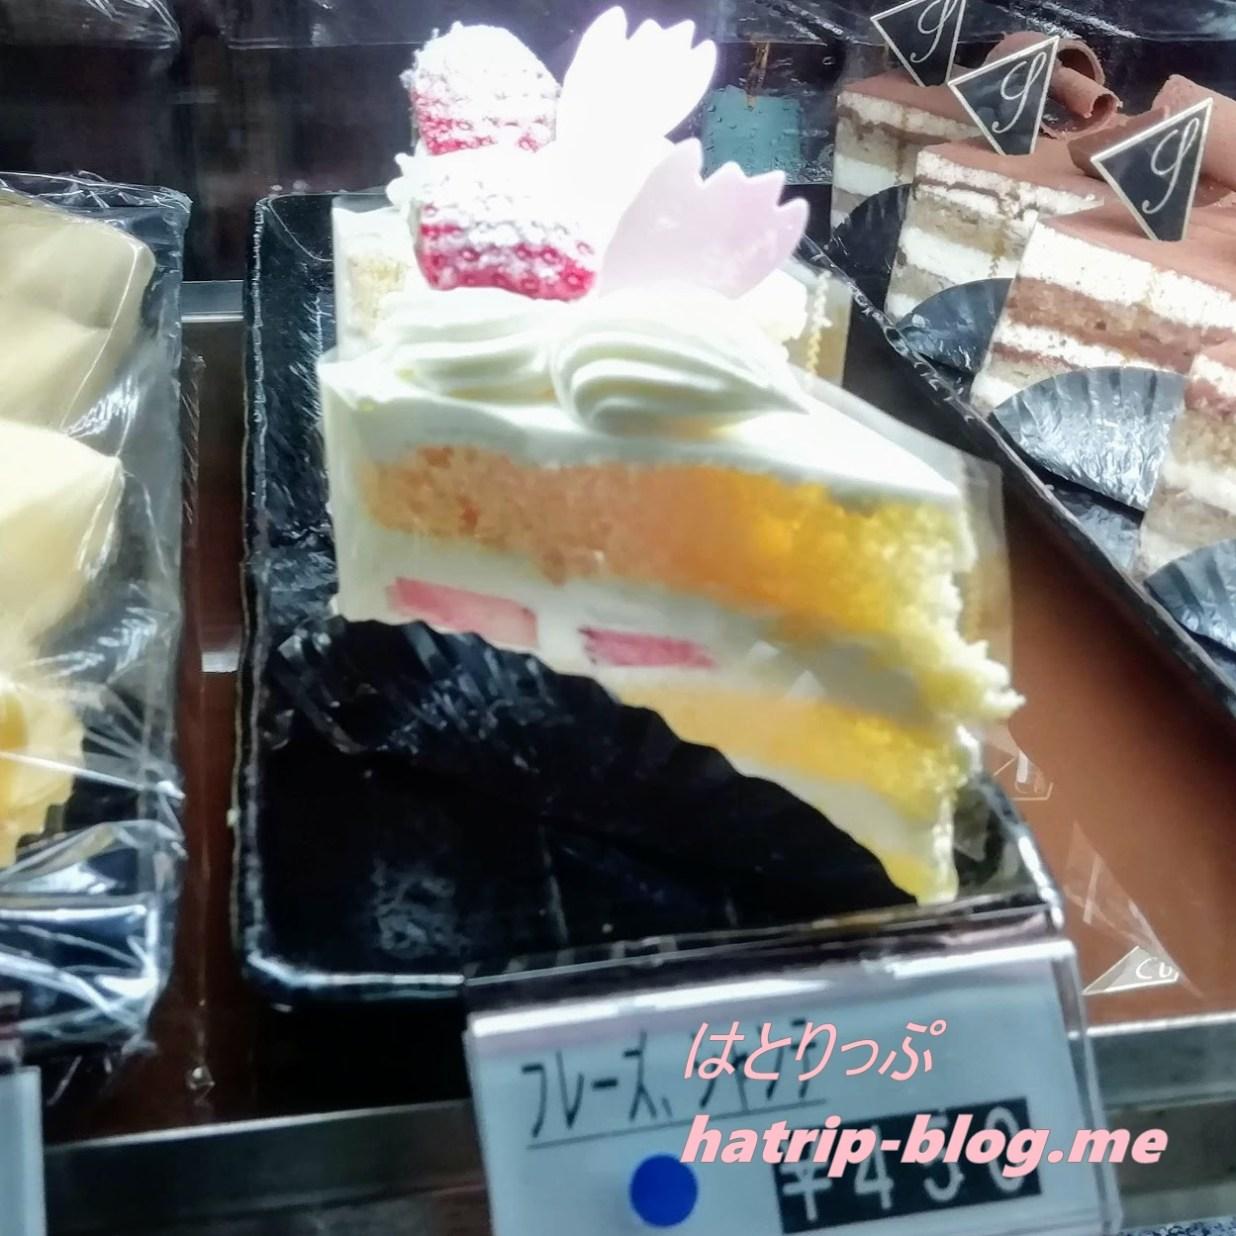 神奈川県三浦郡葉山町 鴫立亭 葉山店 ケーキ フレーズシャンテ